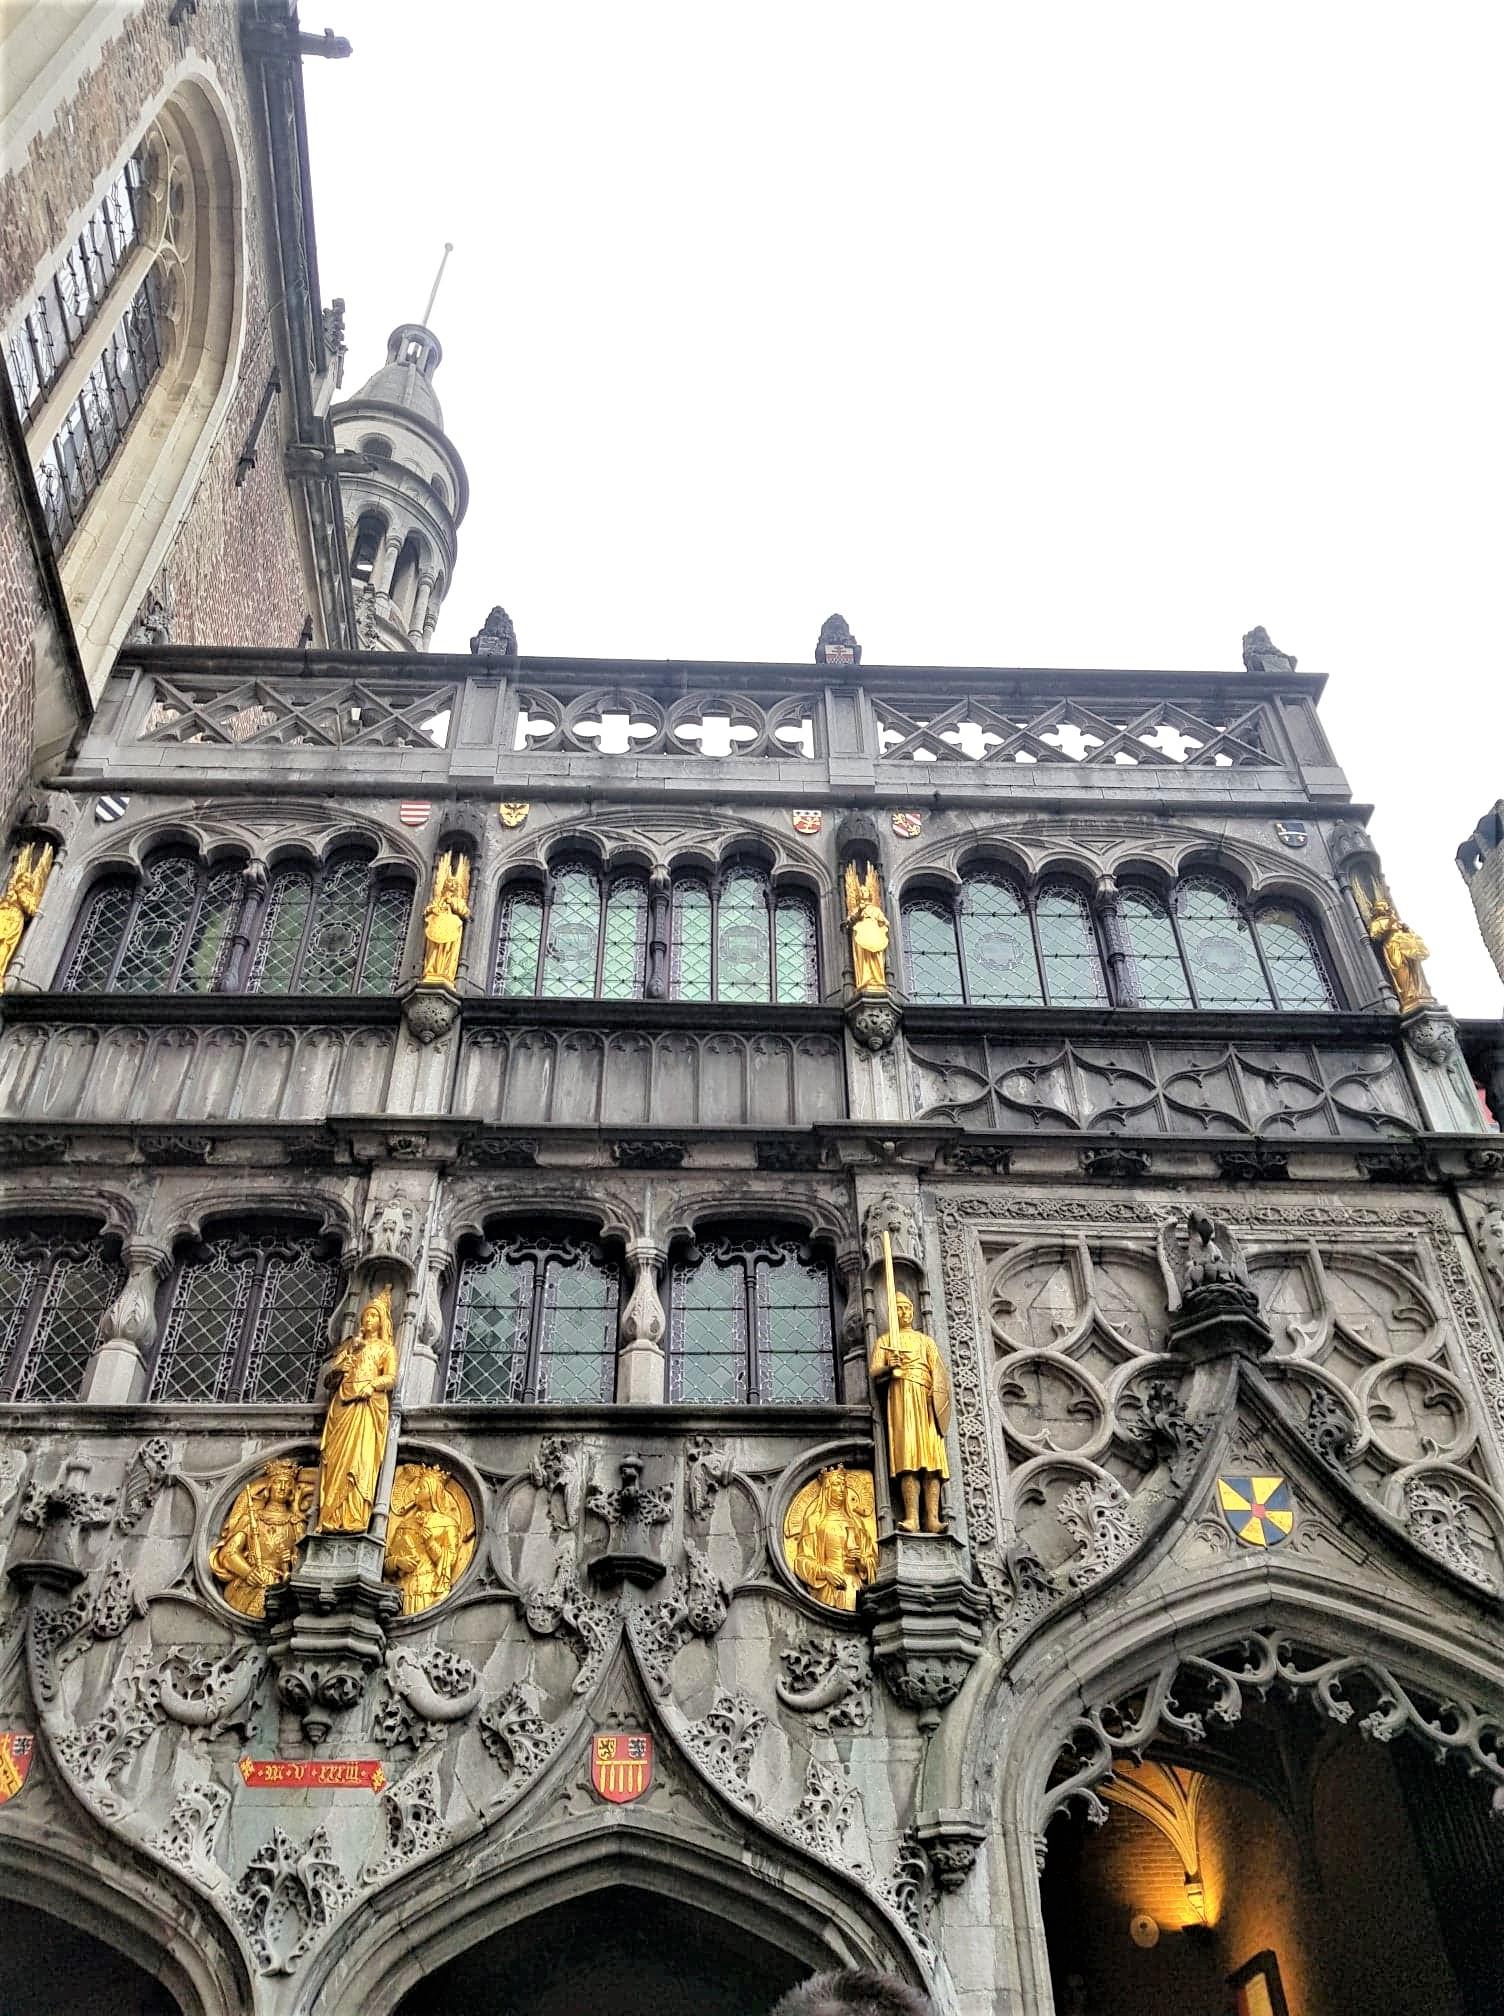 Saint-sang-Basilique-clioandco-blog-voyage-Bruges-Belique